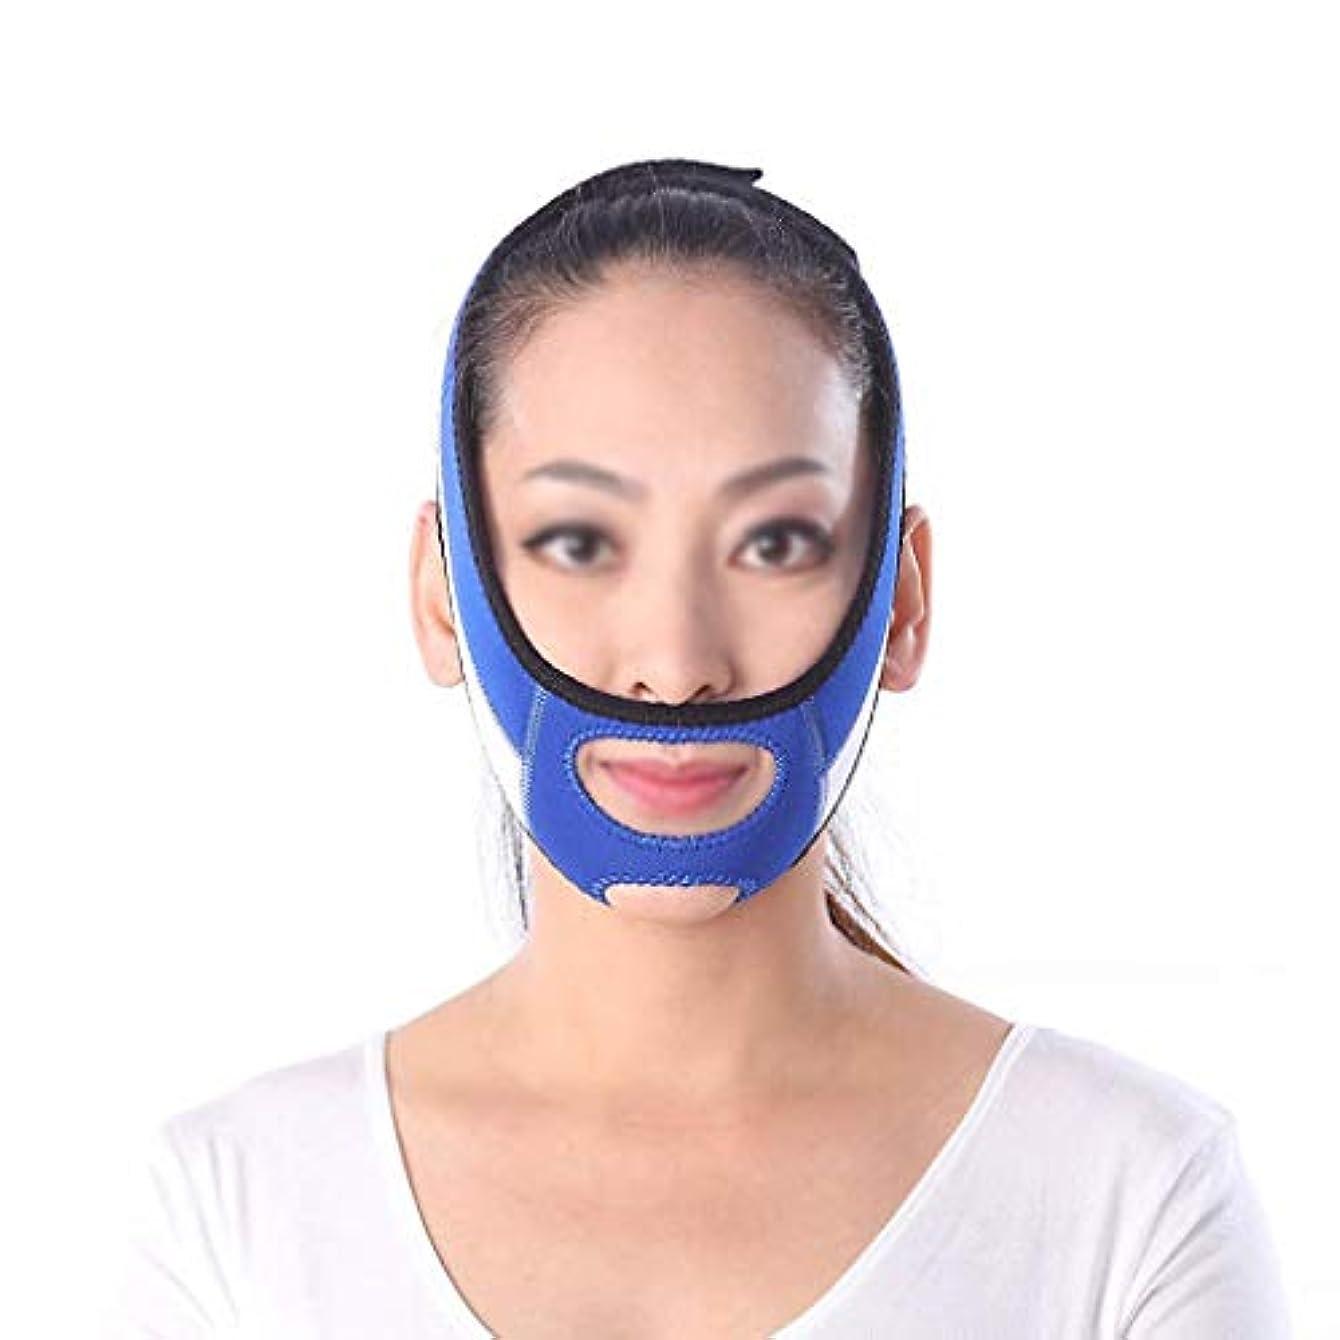 共産主義者どこにもスイス人フェイスリフティング包帯、フェイスリフティングマスク、フェイスリフティングアプライアンス、ダブルチンケア減量、フェイシャルリフティングストラップ(フリーサイズ、ブルー)